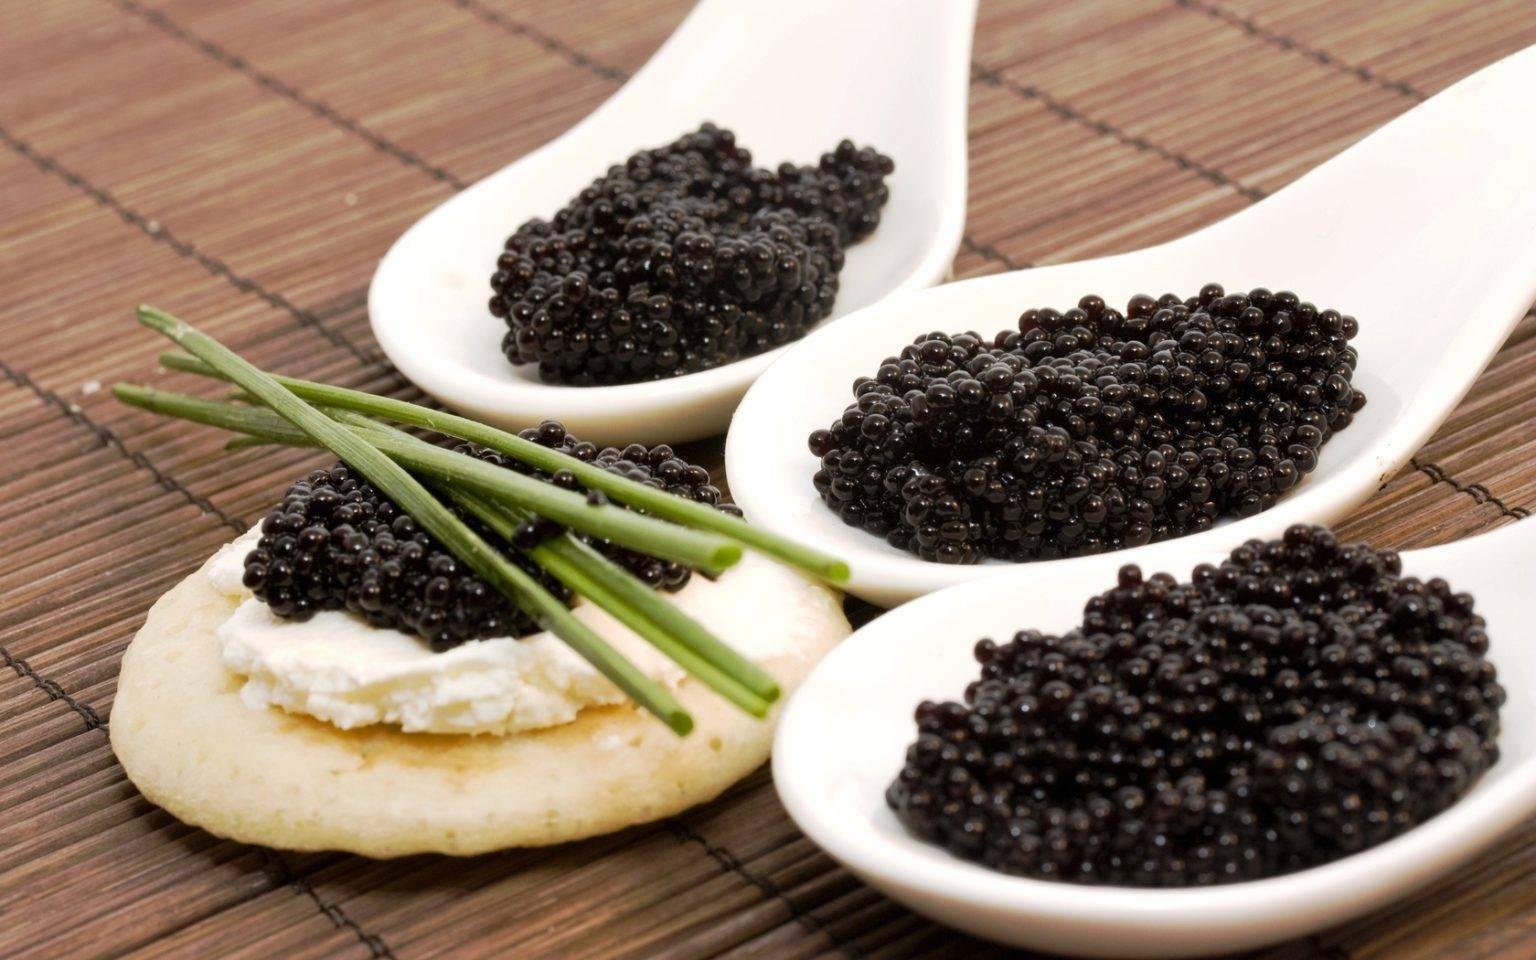 Черная икра: полезные свойства и противопоказания для здоровья